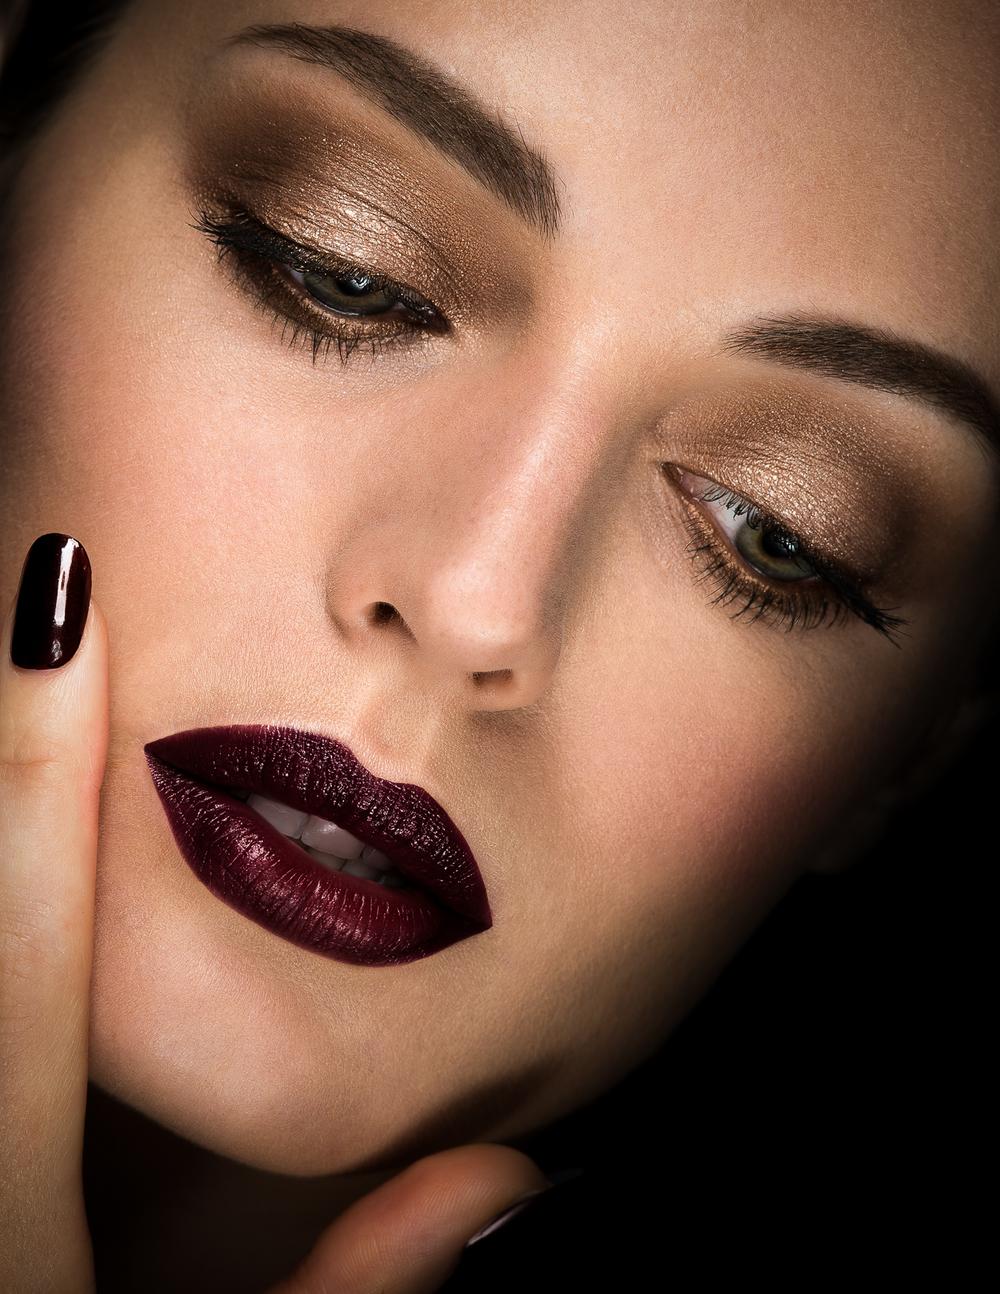 Beauty_Natalia-087-retouched-retouched-retouched-retouched.jpg